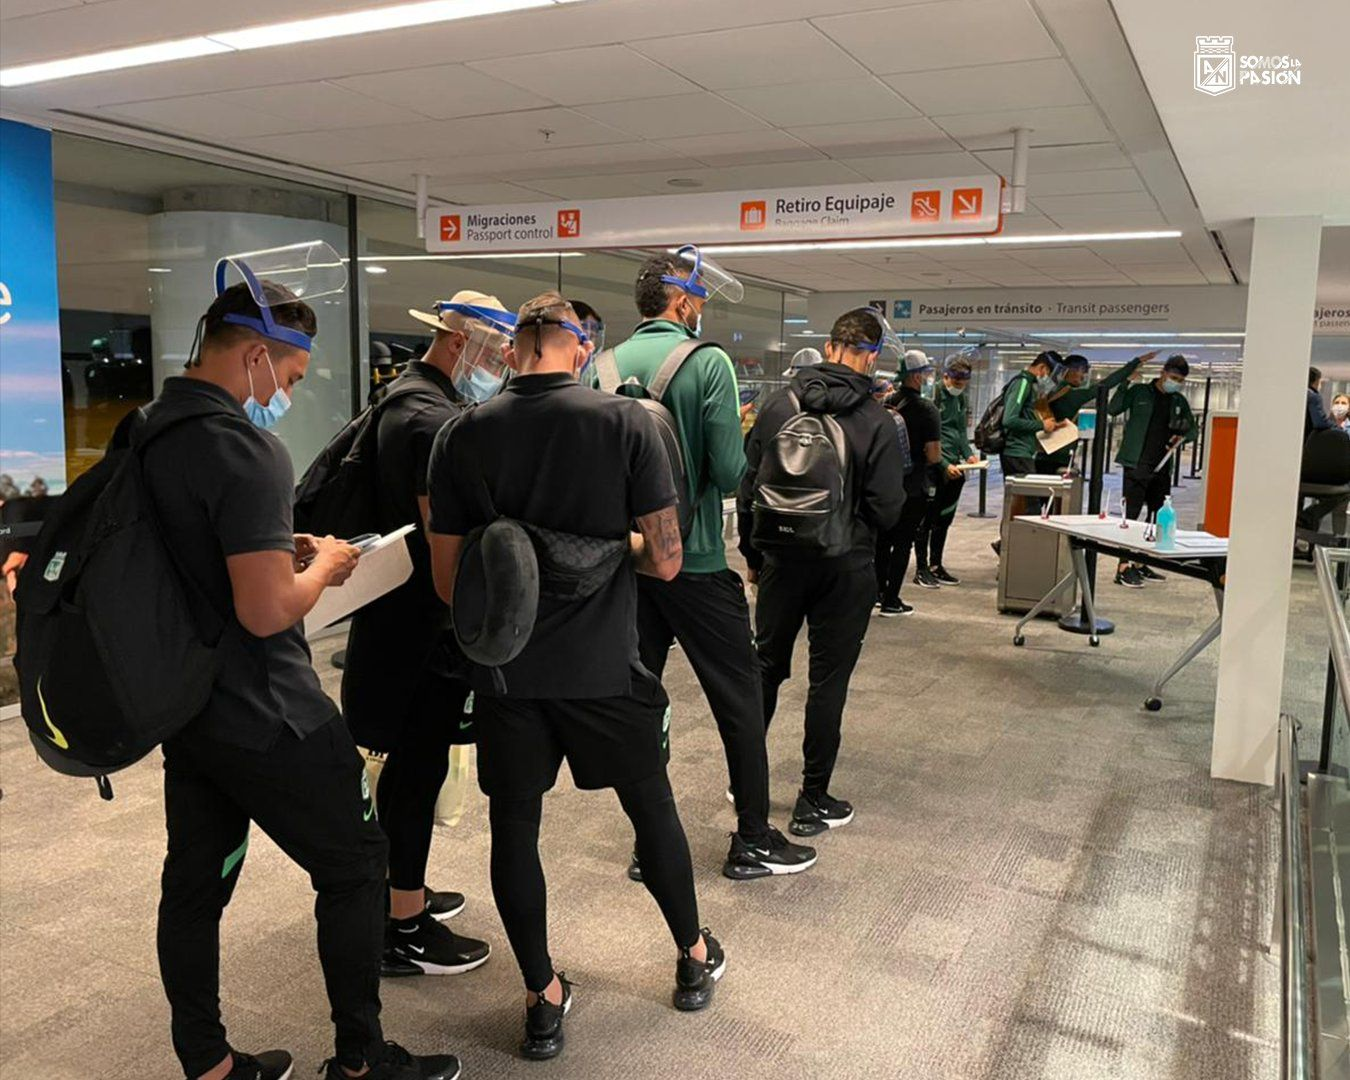 Los convocados de Atlético Nacional para visitar a Nacional (Uru) en Libertadores